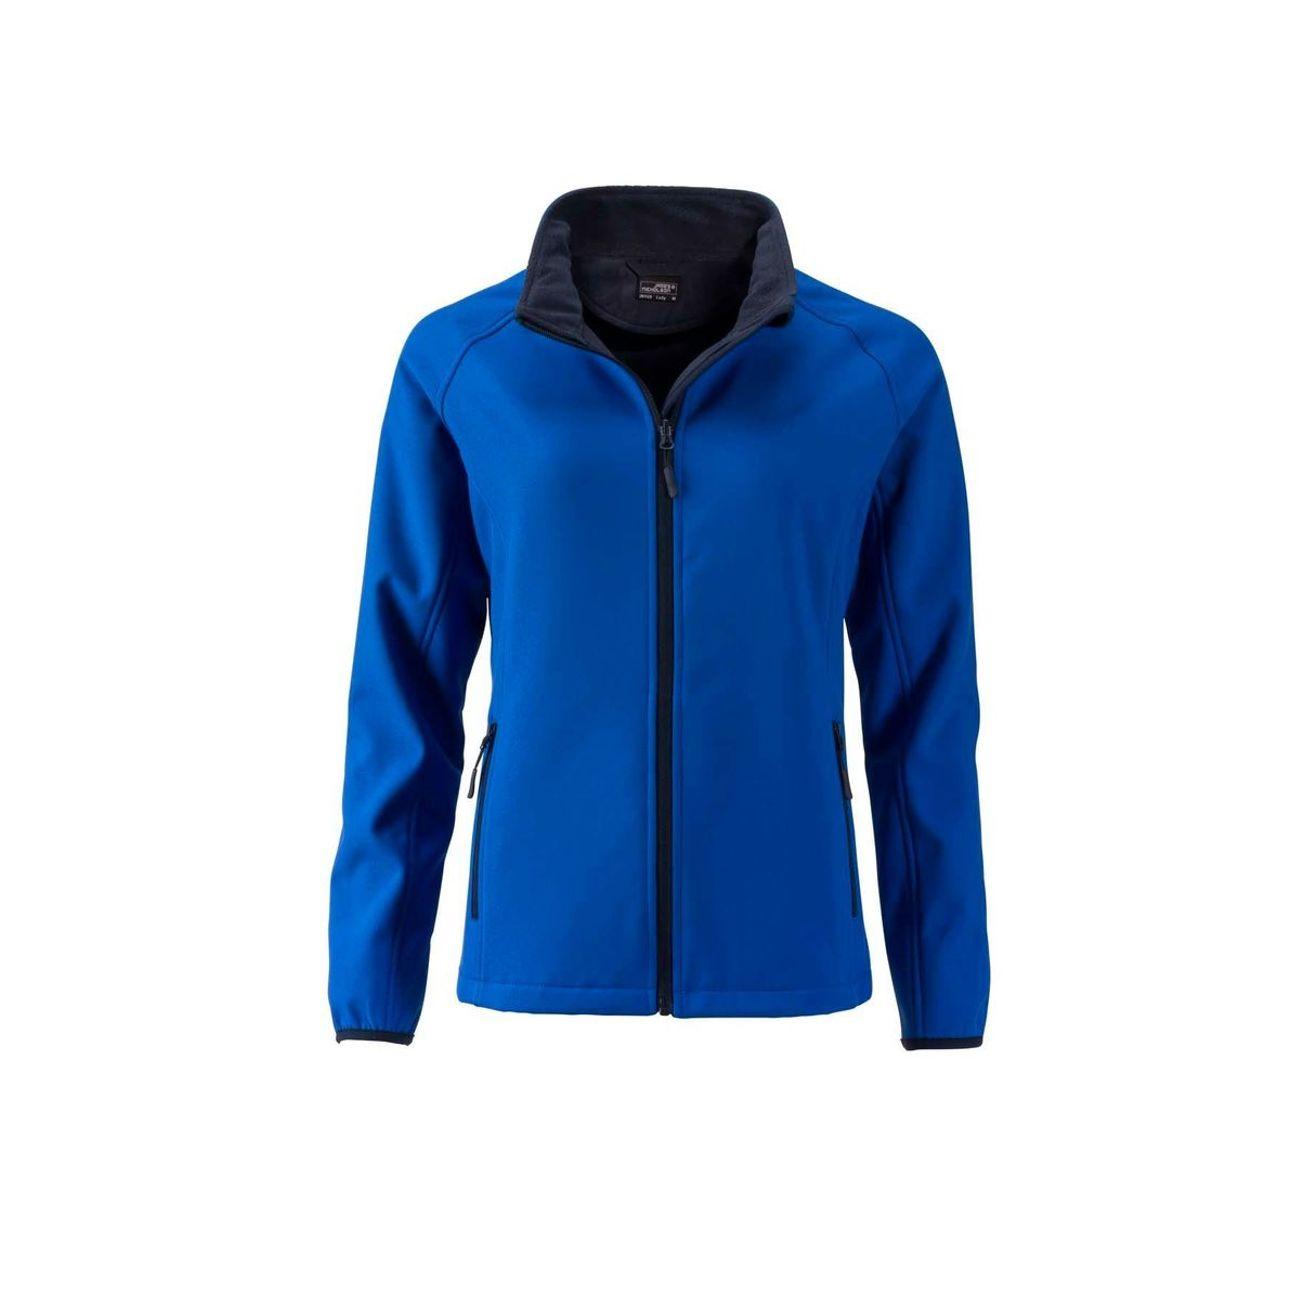 Randonnée pédestre femme JAMES & NICHOLSON Veste softshell coupe-vent déperlante femme JN1129 - bleu nautique